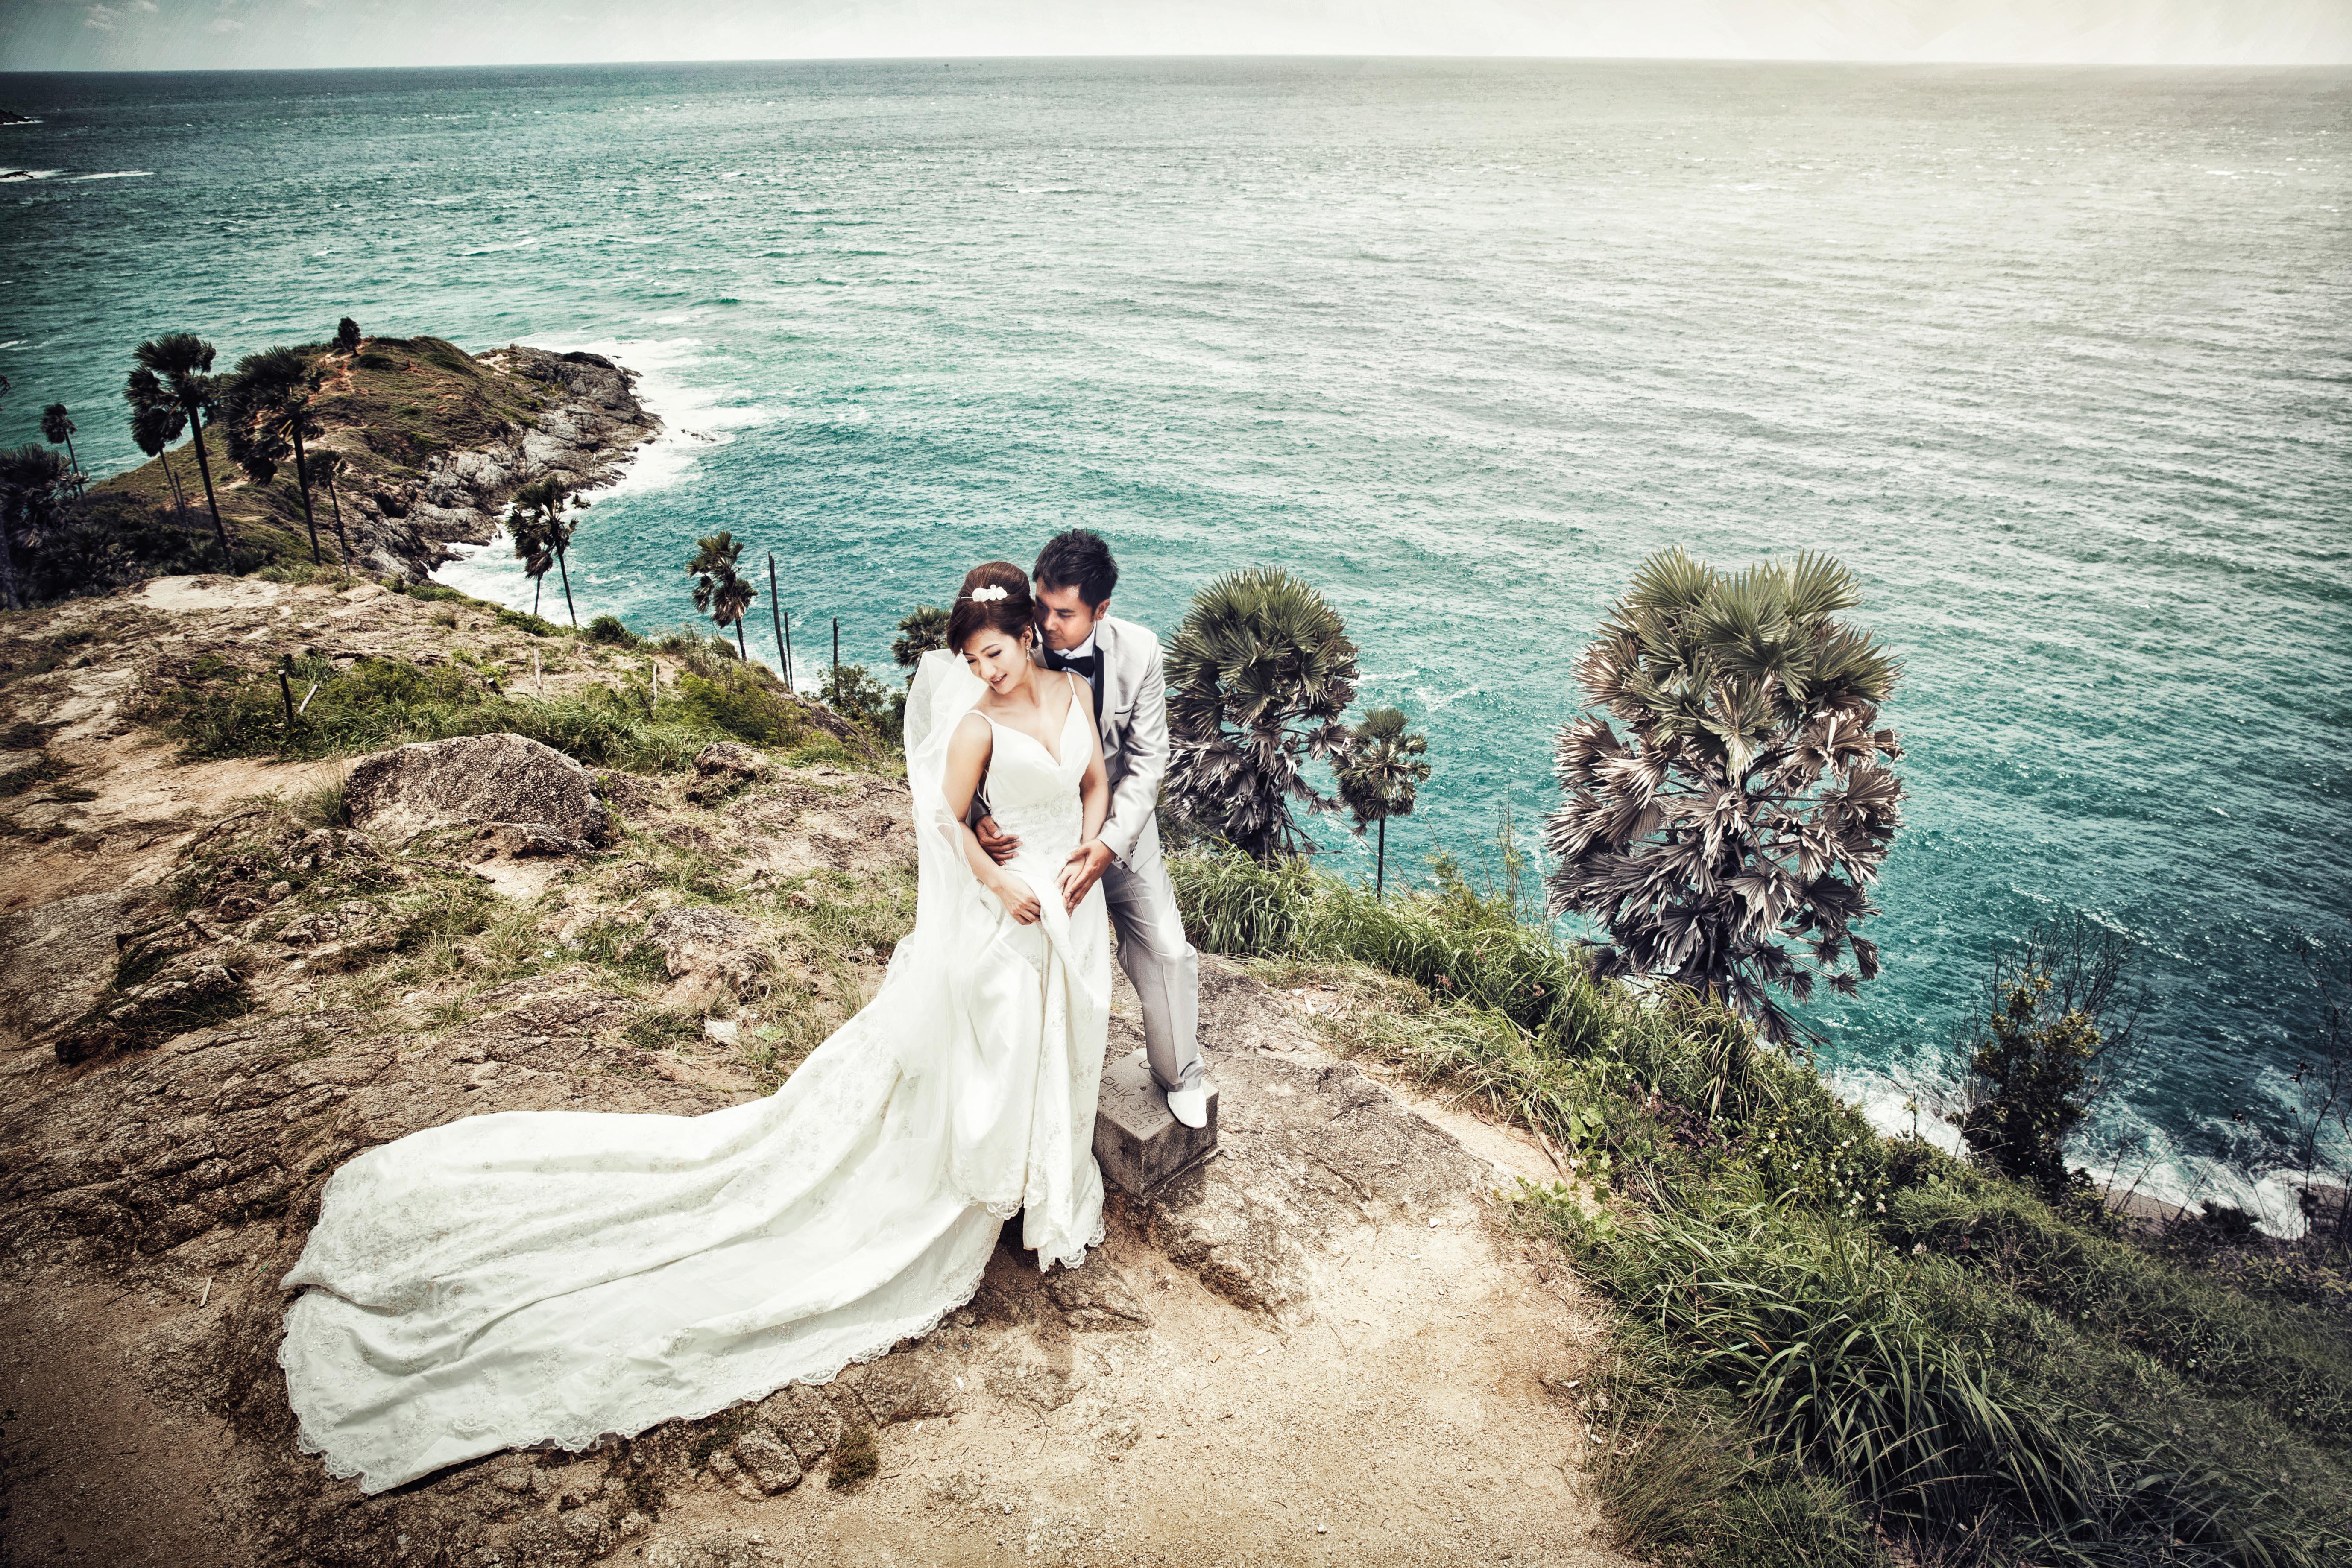 泰国普吉岛婚纱摄影